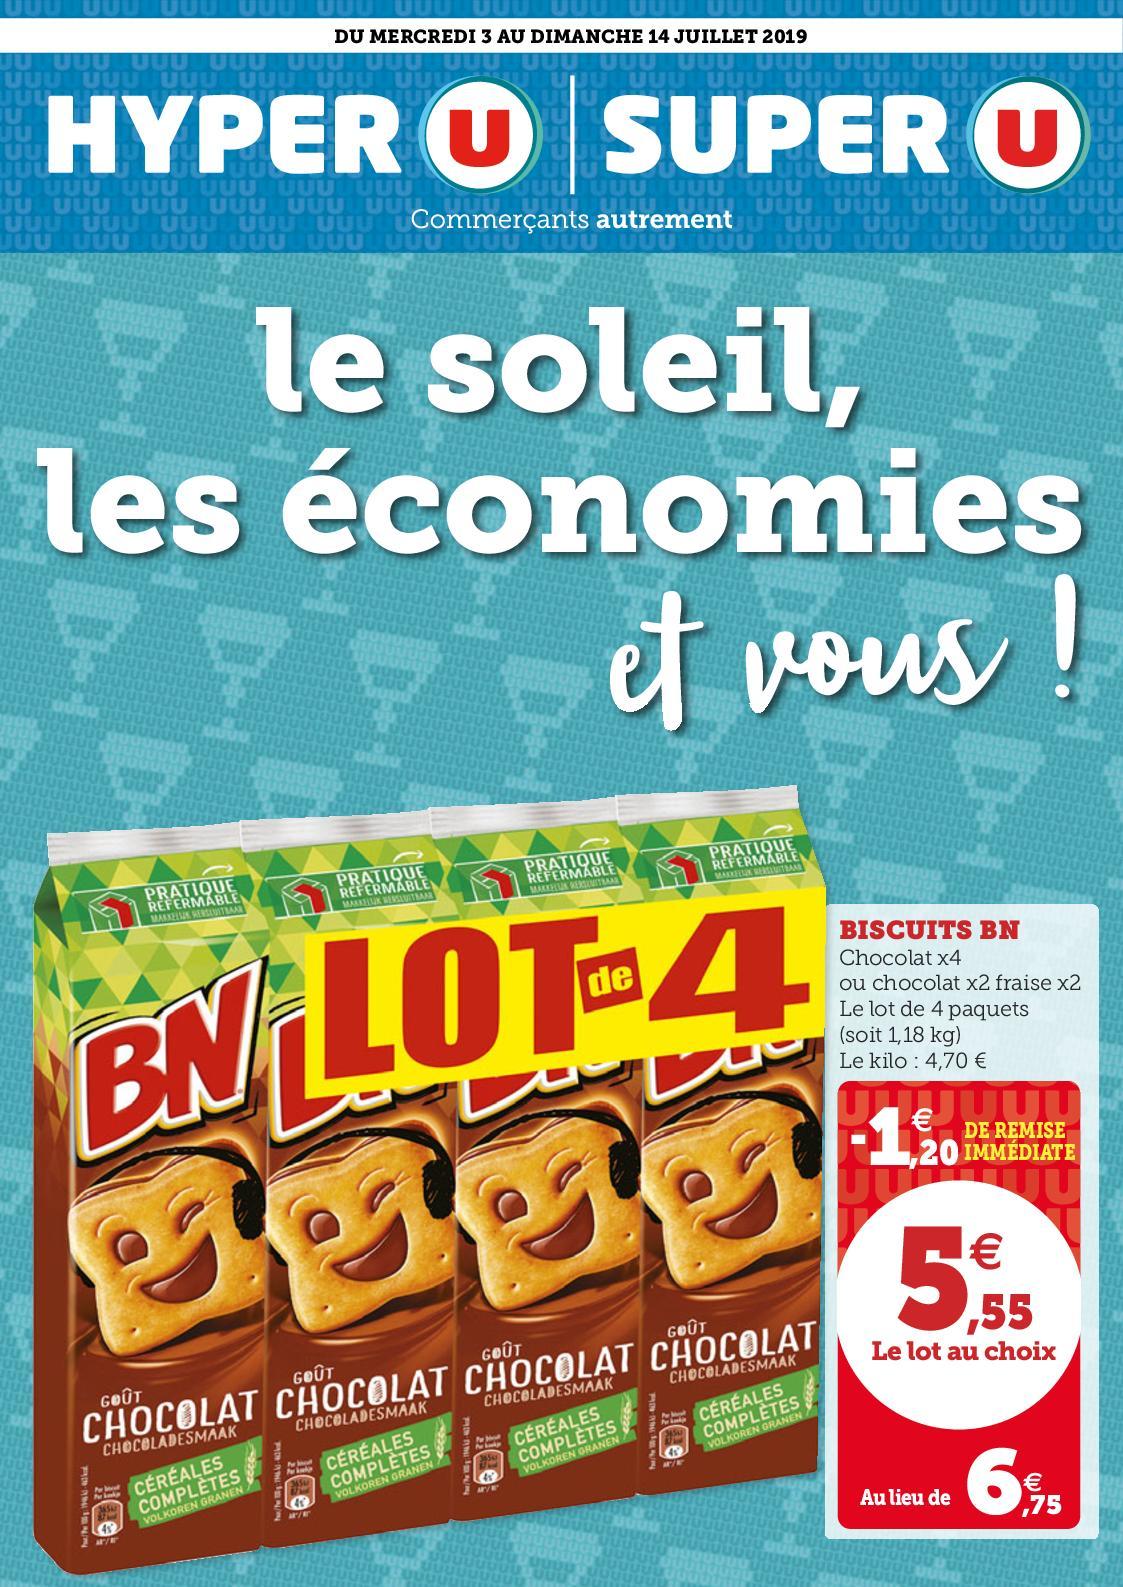 Catalogue du 03/07 au 14/07 : Le soleil, les économies et vous !